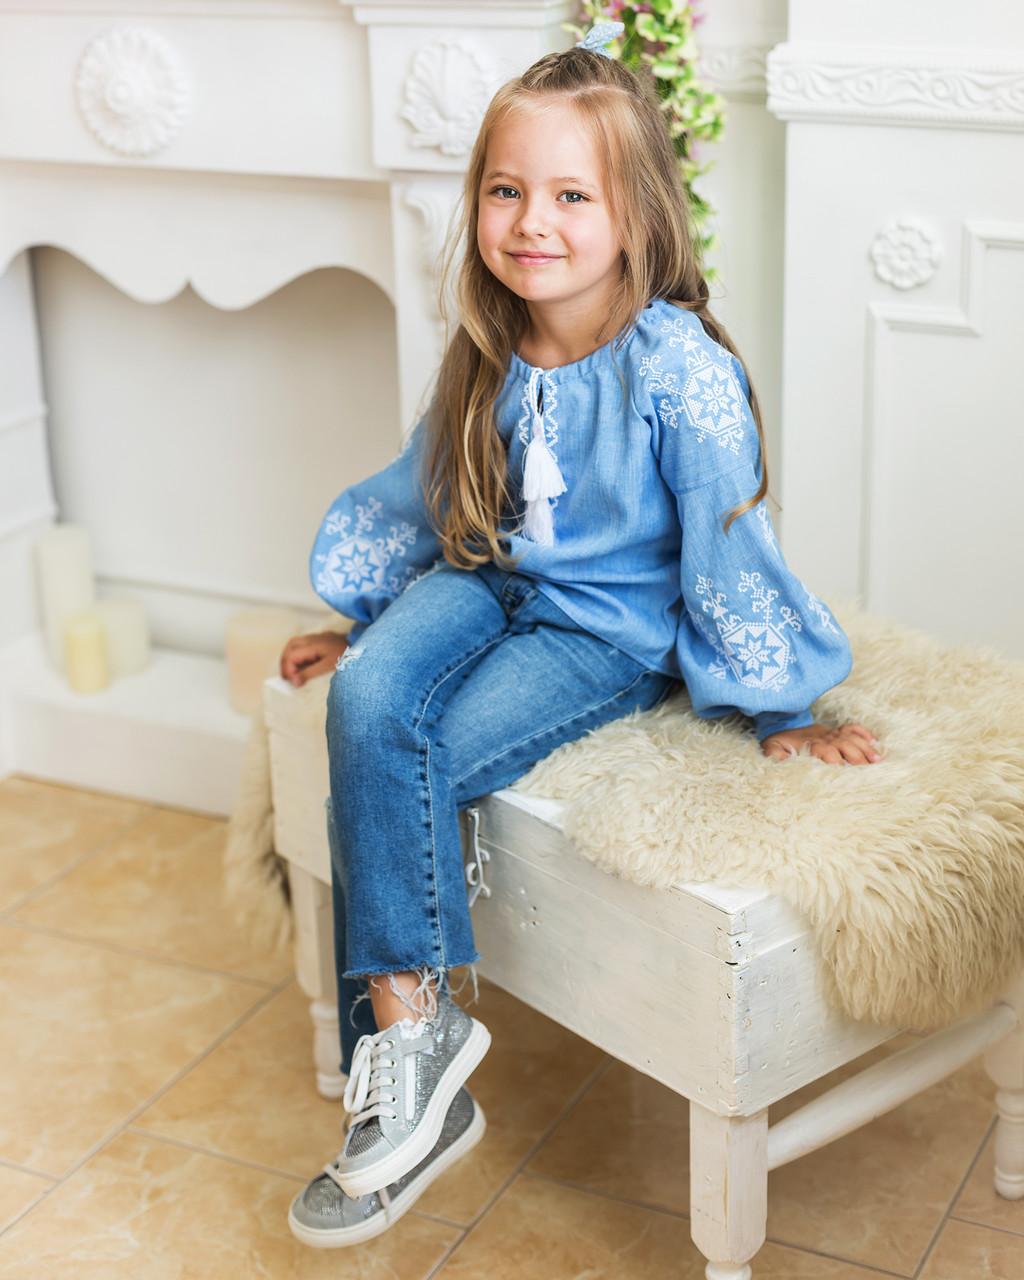 Вышиванка для девочки с стиле бохо Звезда